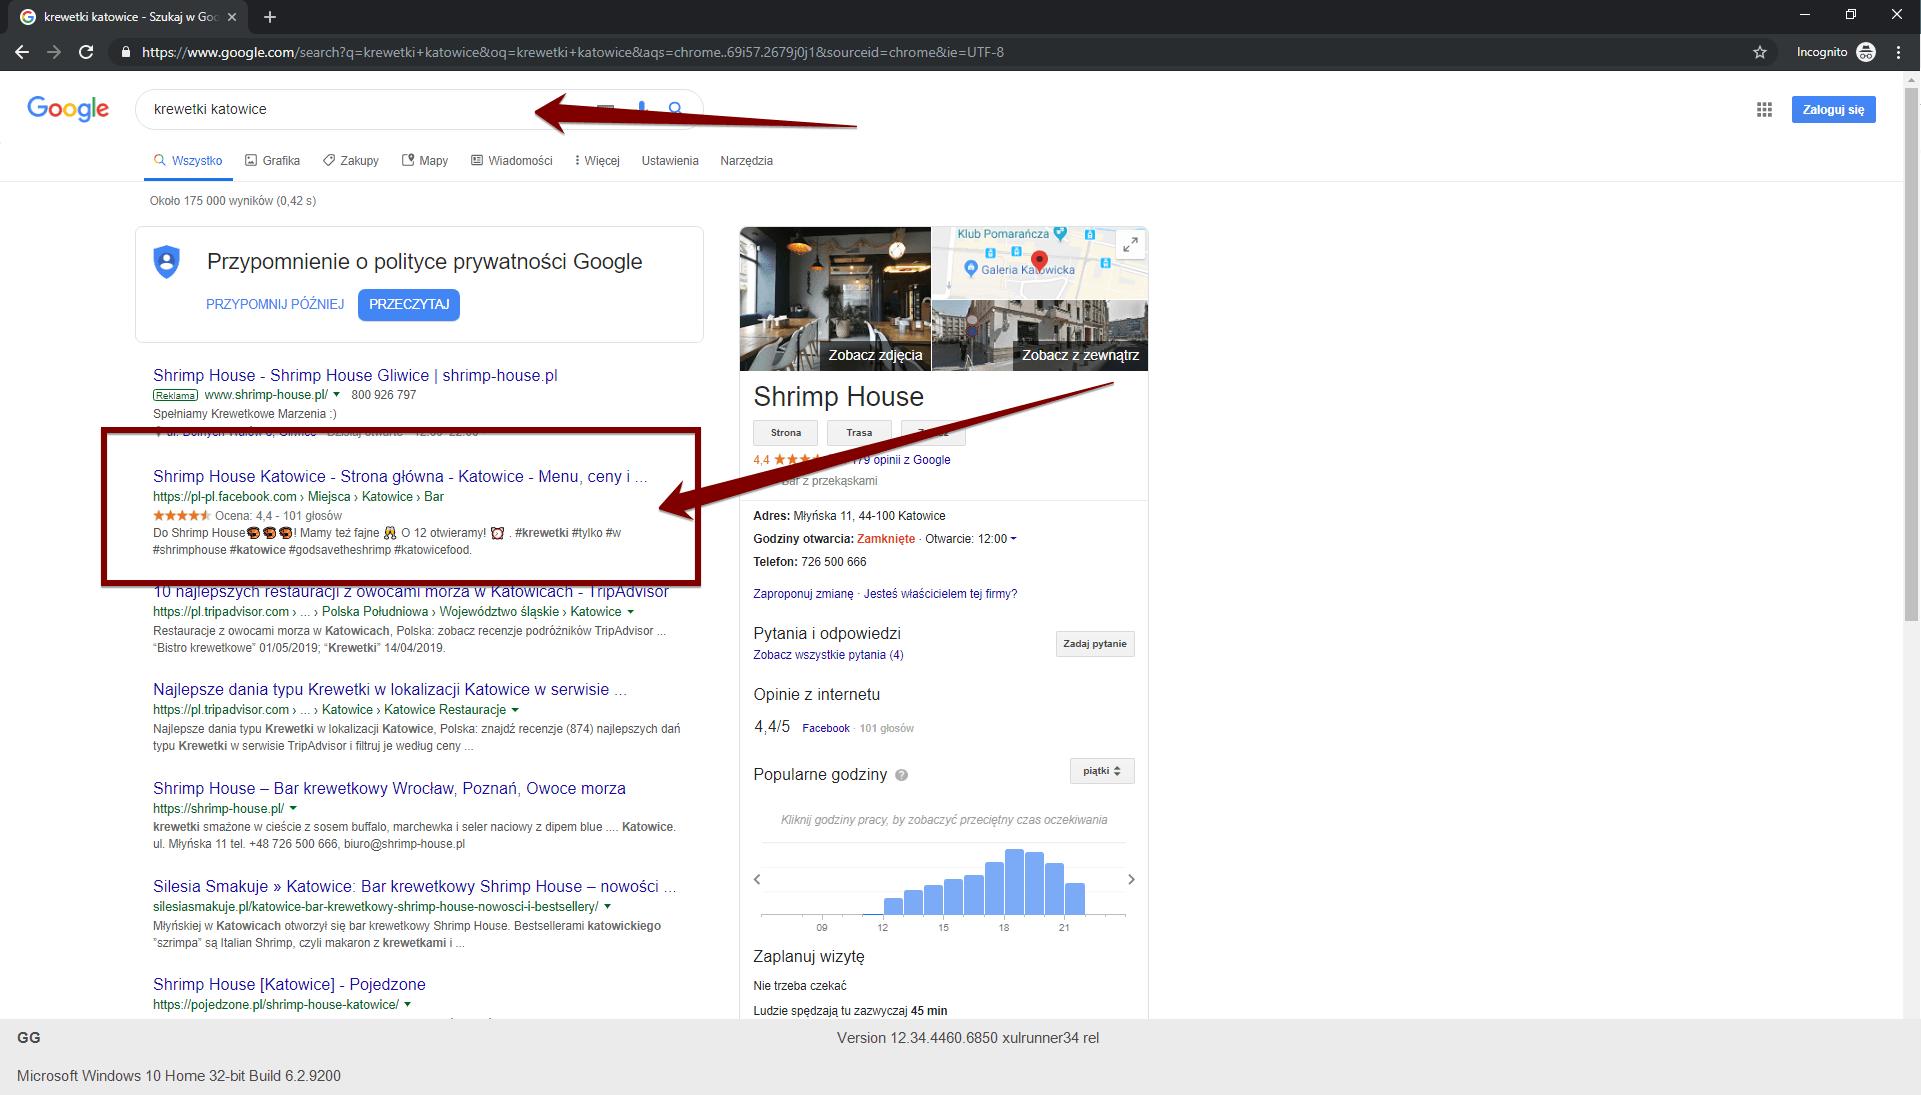 Wysokie wyświetlanie wyników wyszukiwania